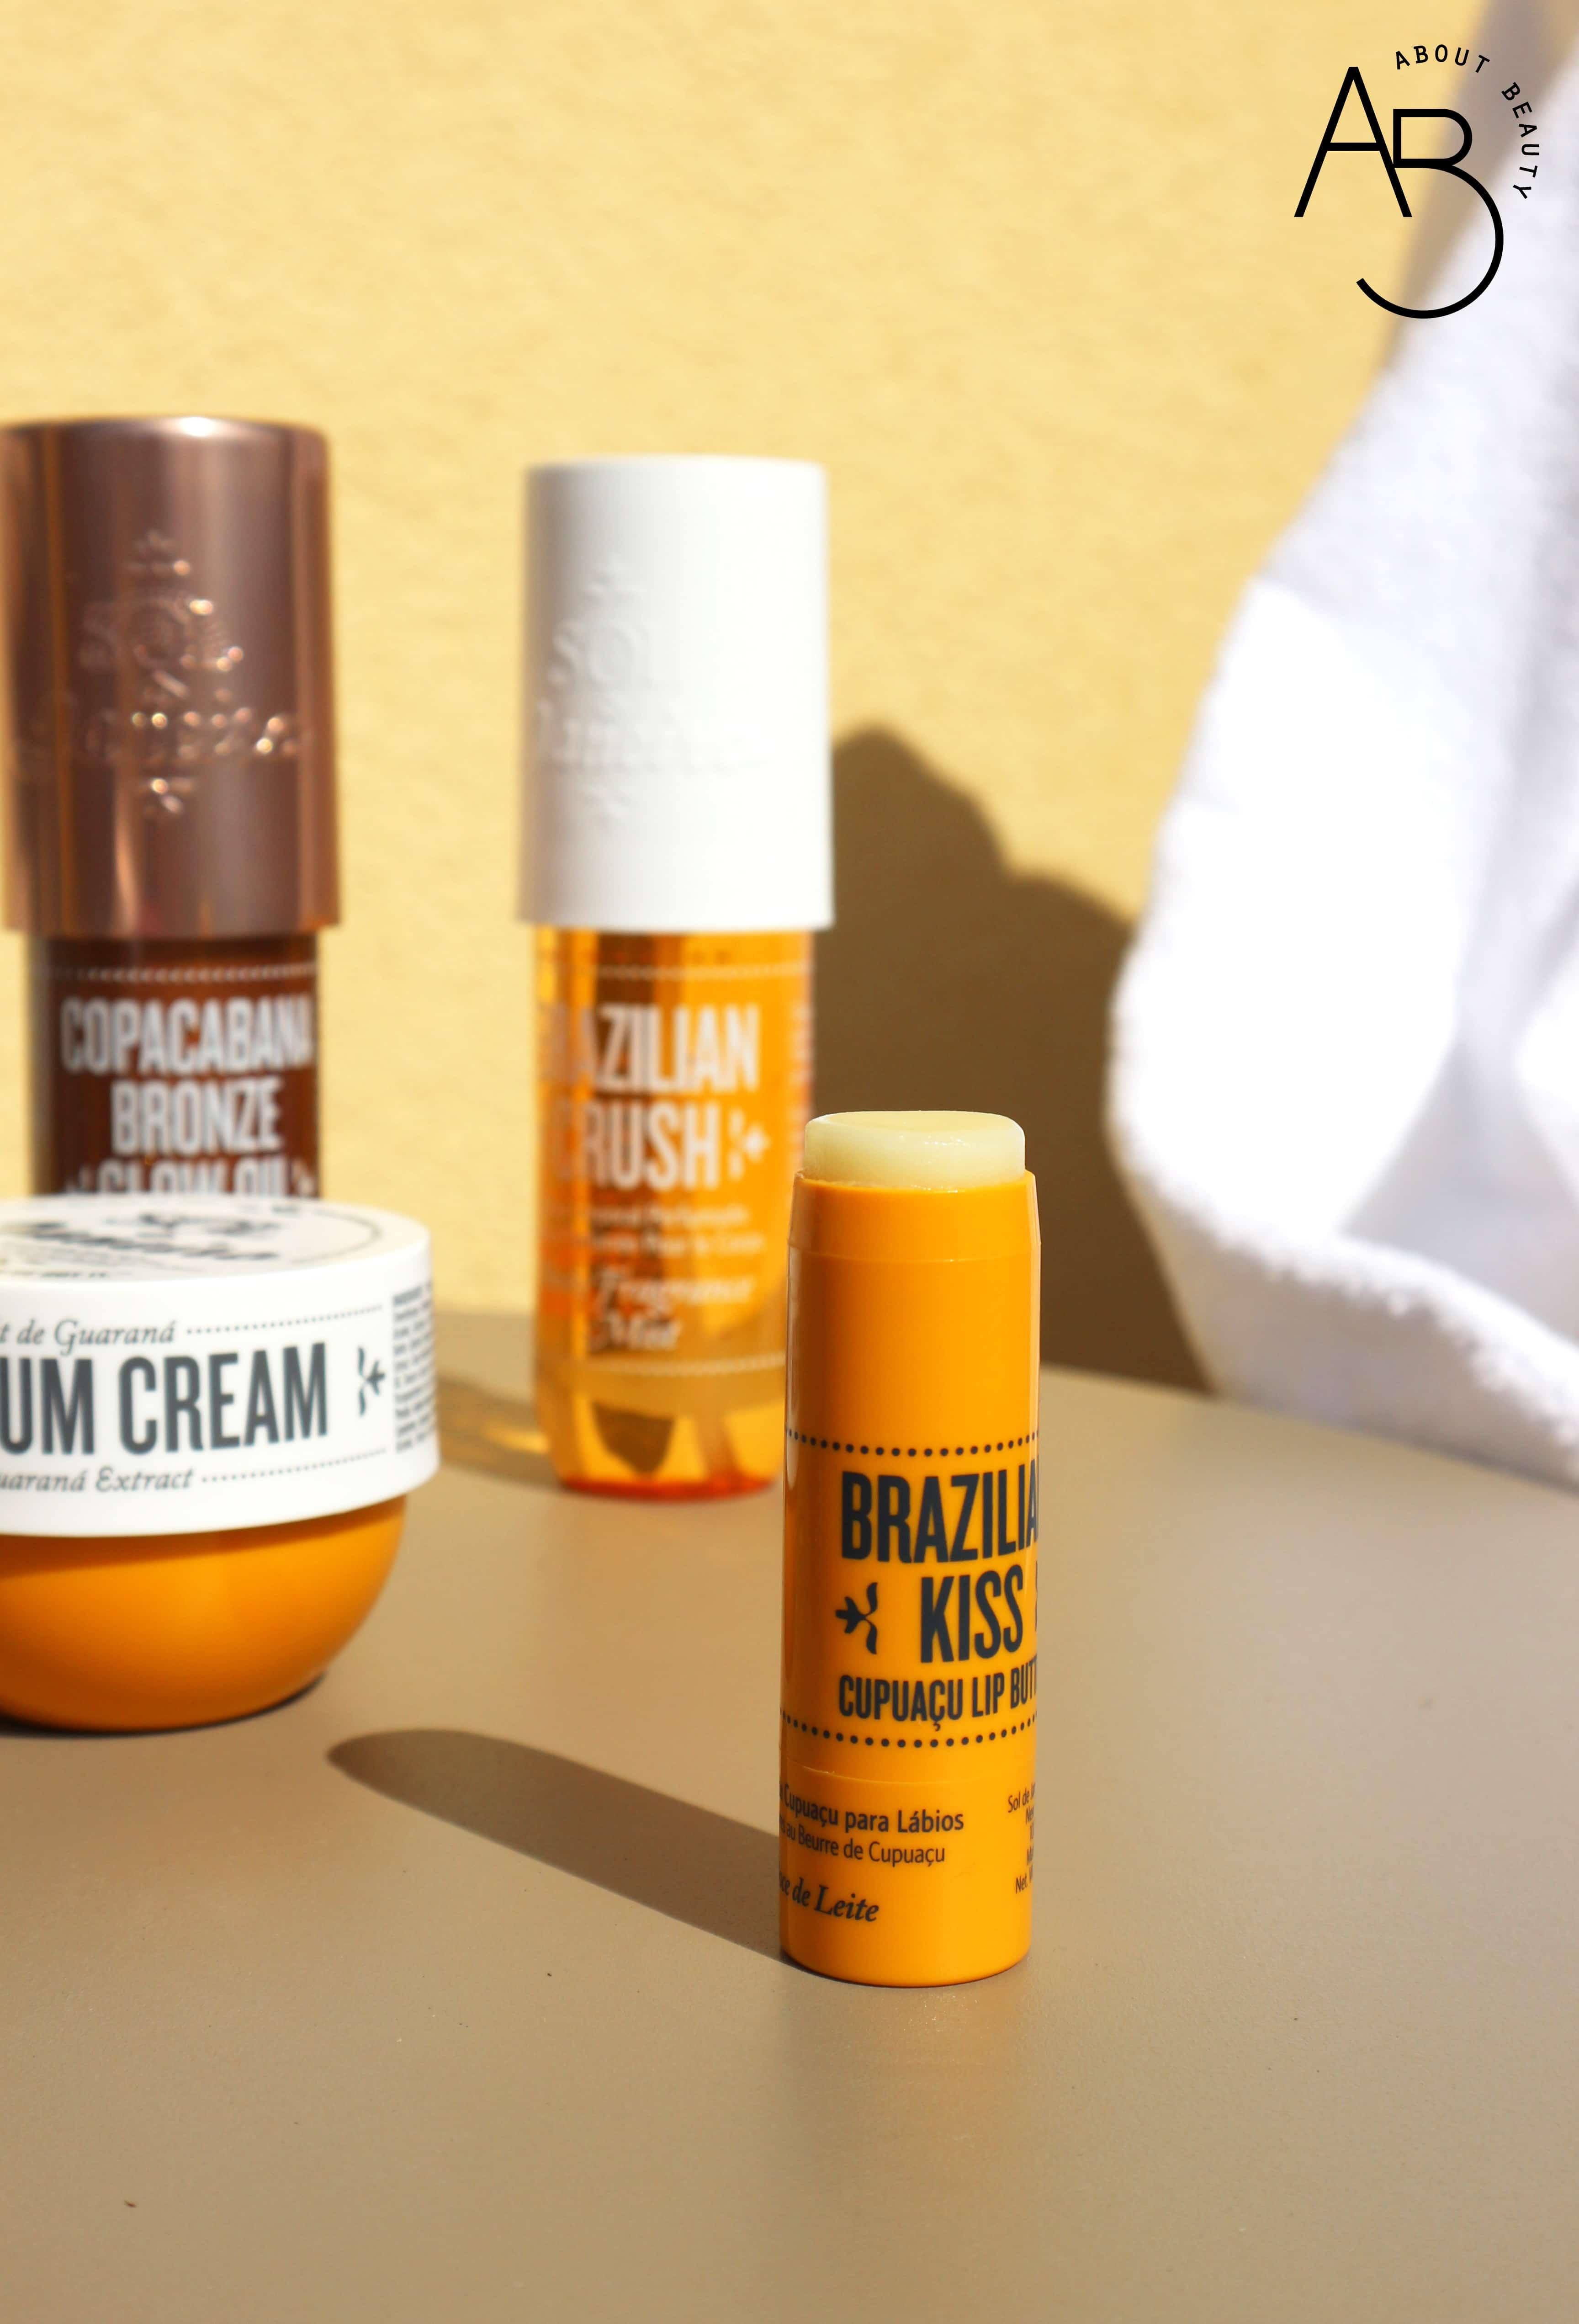 Sol de Janeiro skincare - Recensione, info, opinioni, prezzo, dove acquistare, inci - Balsamo labbra Brazilian Kiss